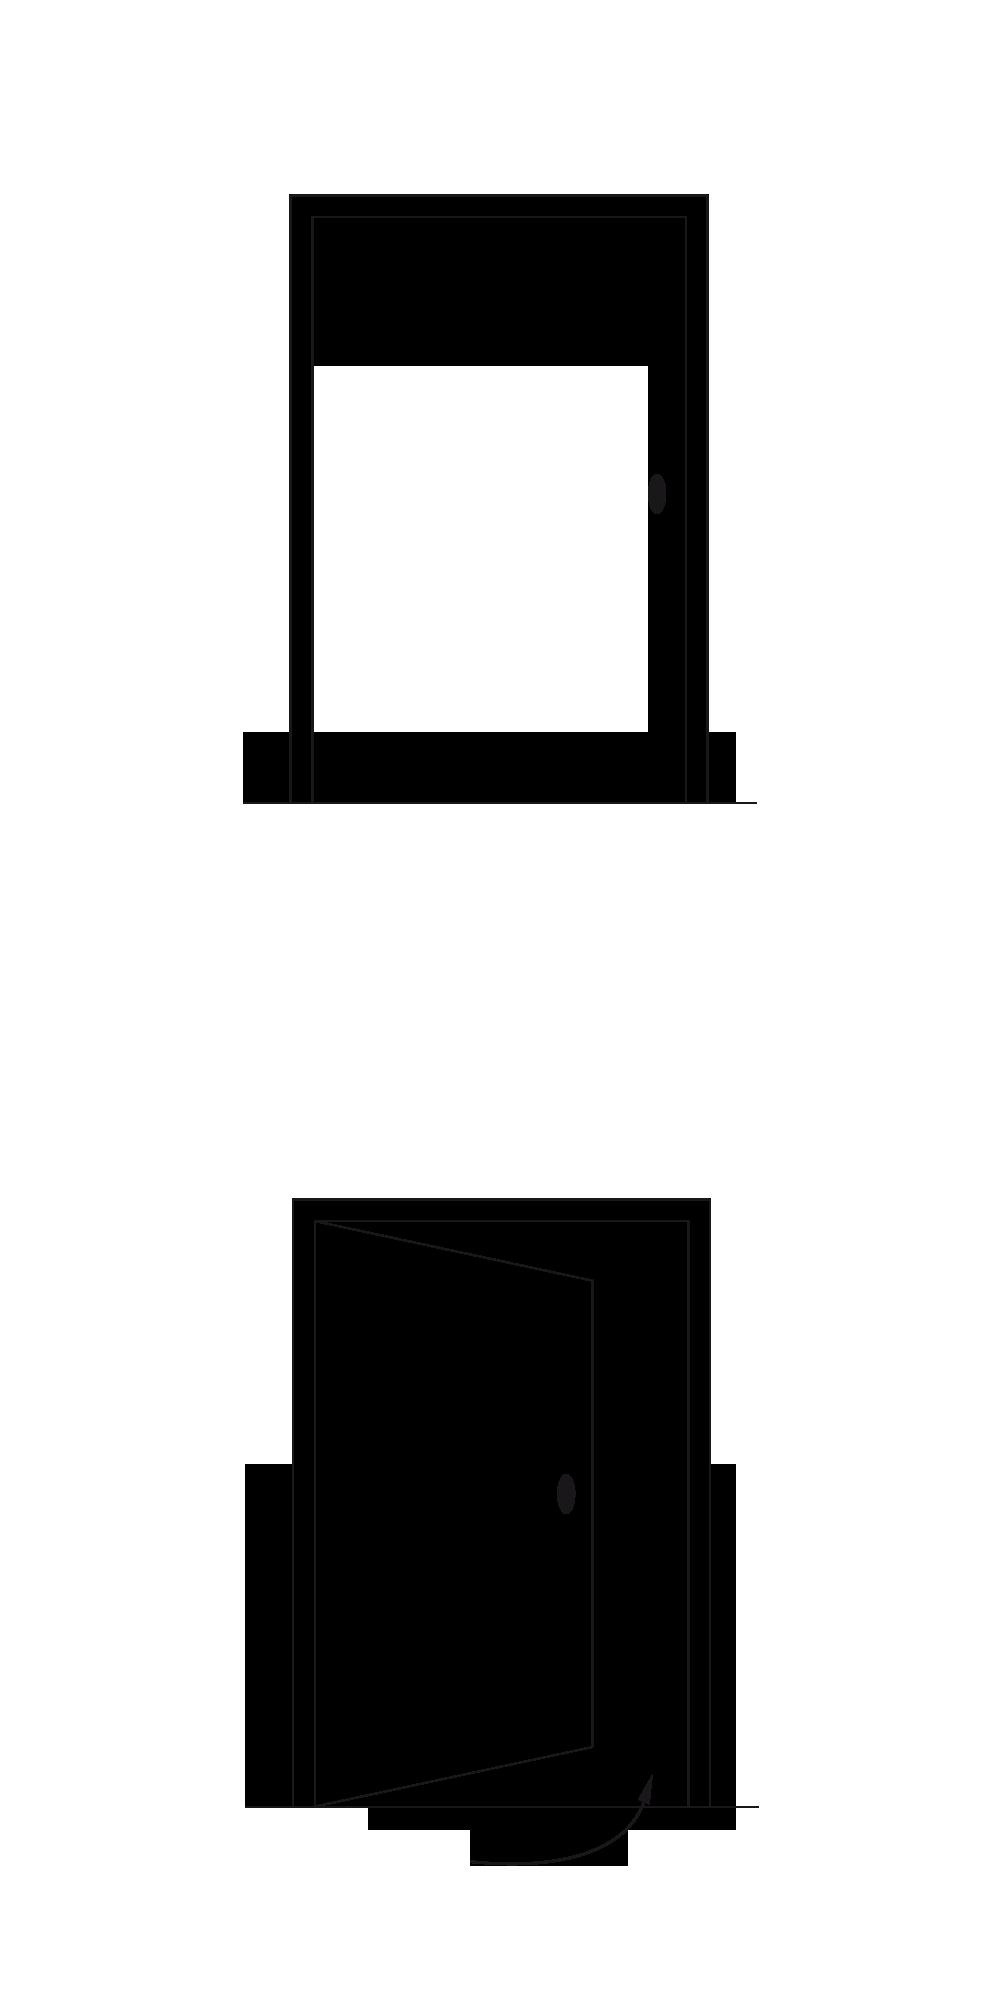 Vk blog ouverture minute un logo qui fait sens for Ouverture de porte claquee